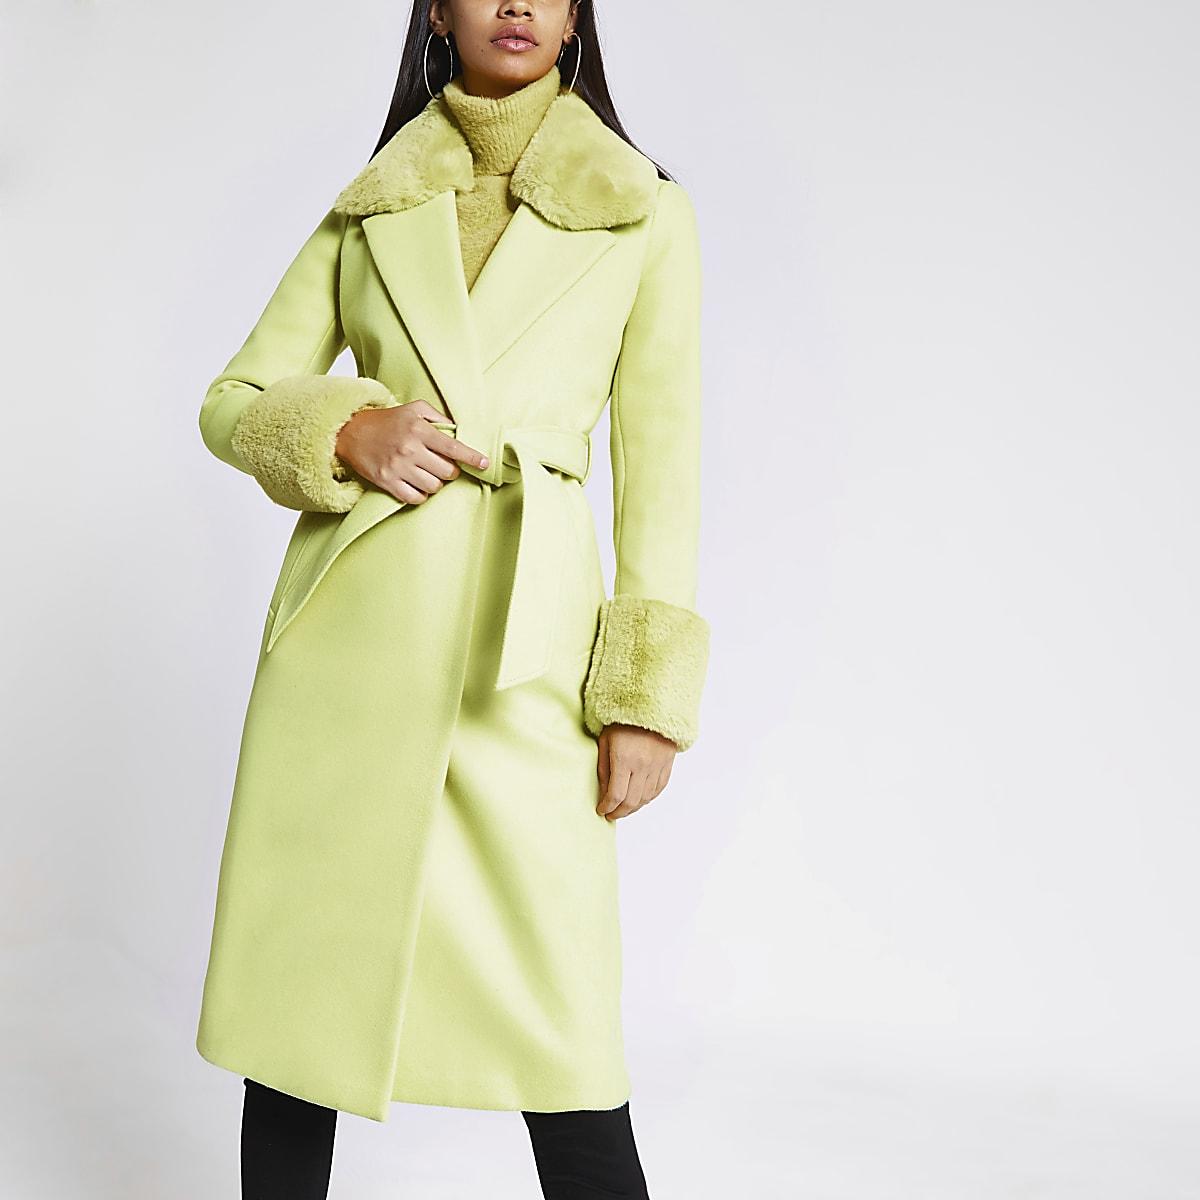 Manteau peignoir couleur citron vert bordé de fausse fourrure avec ceinture